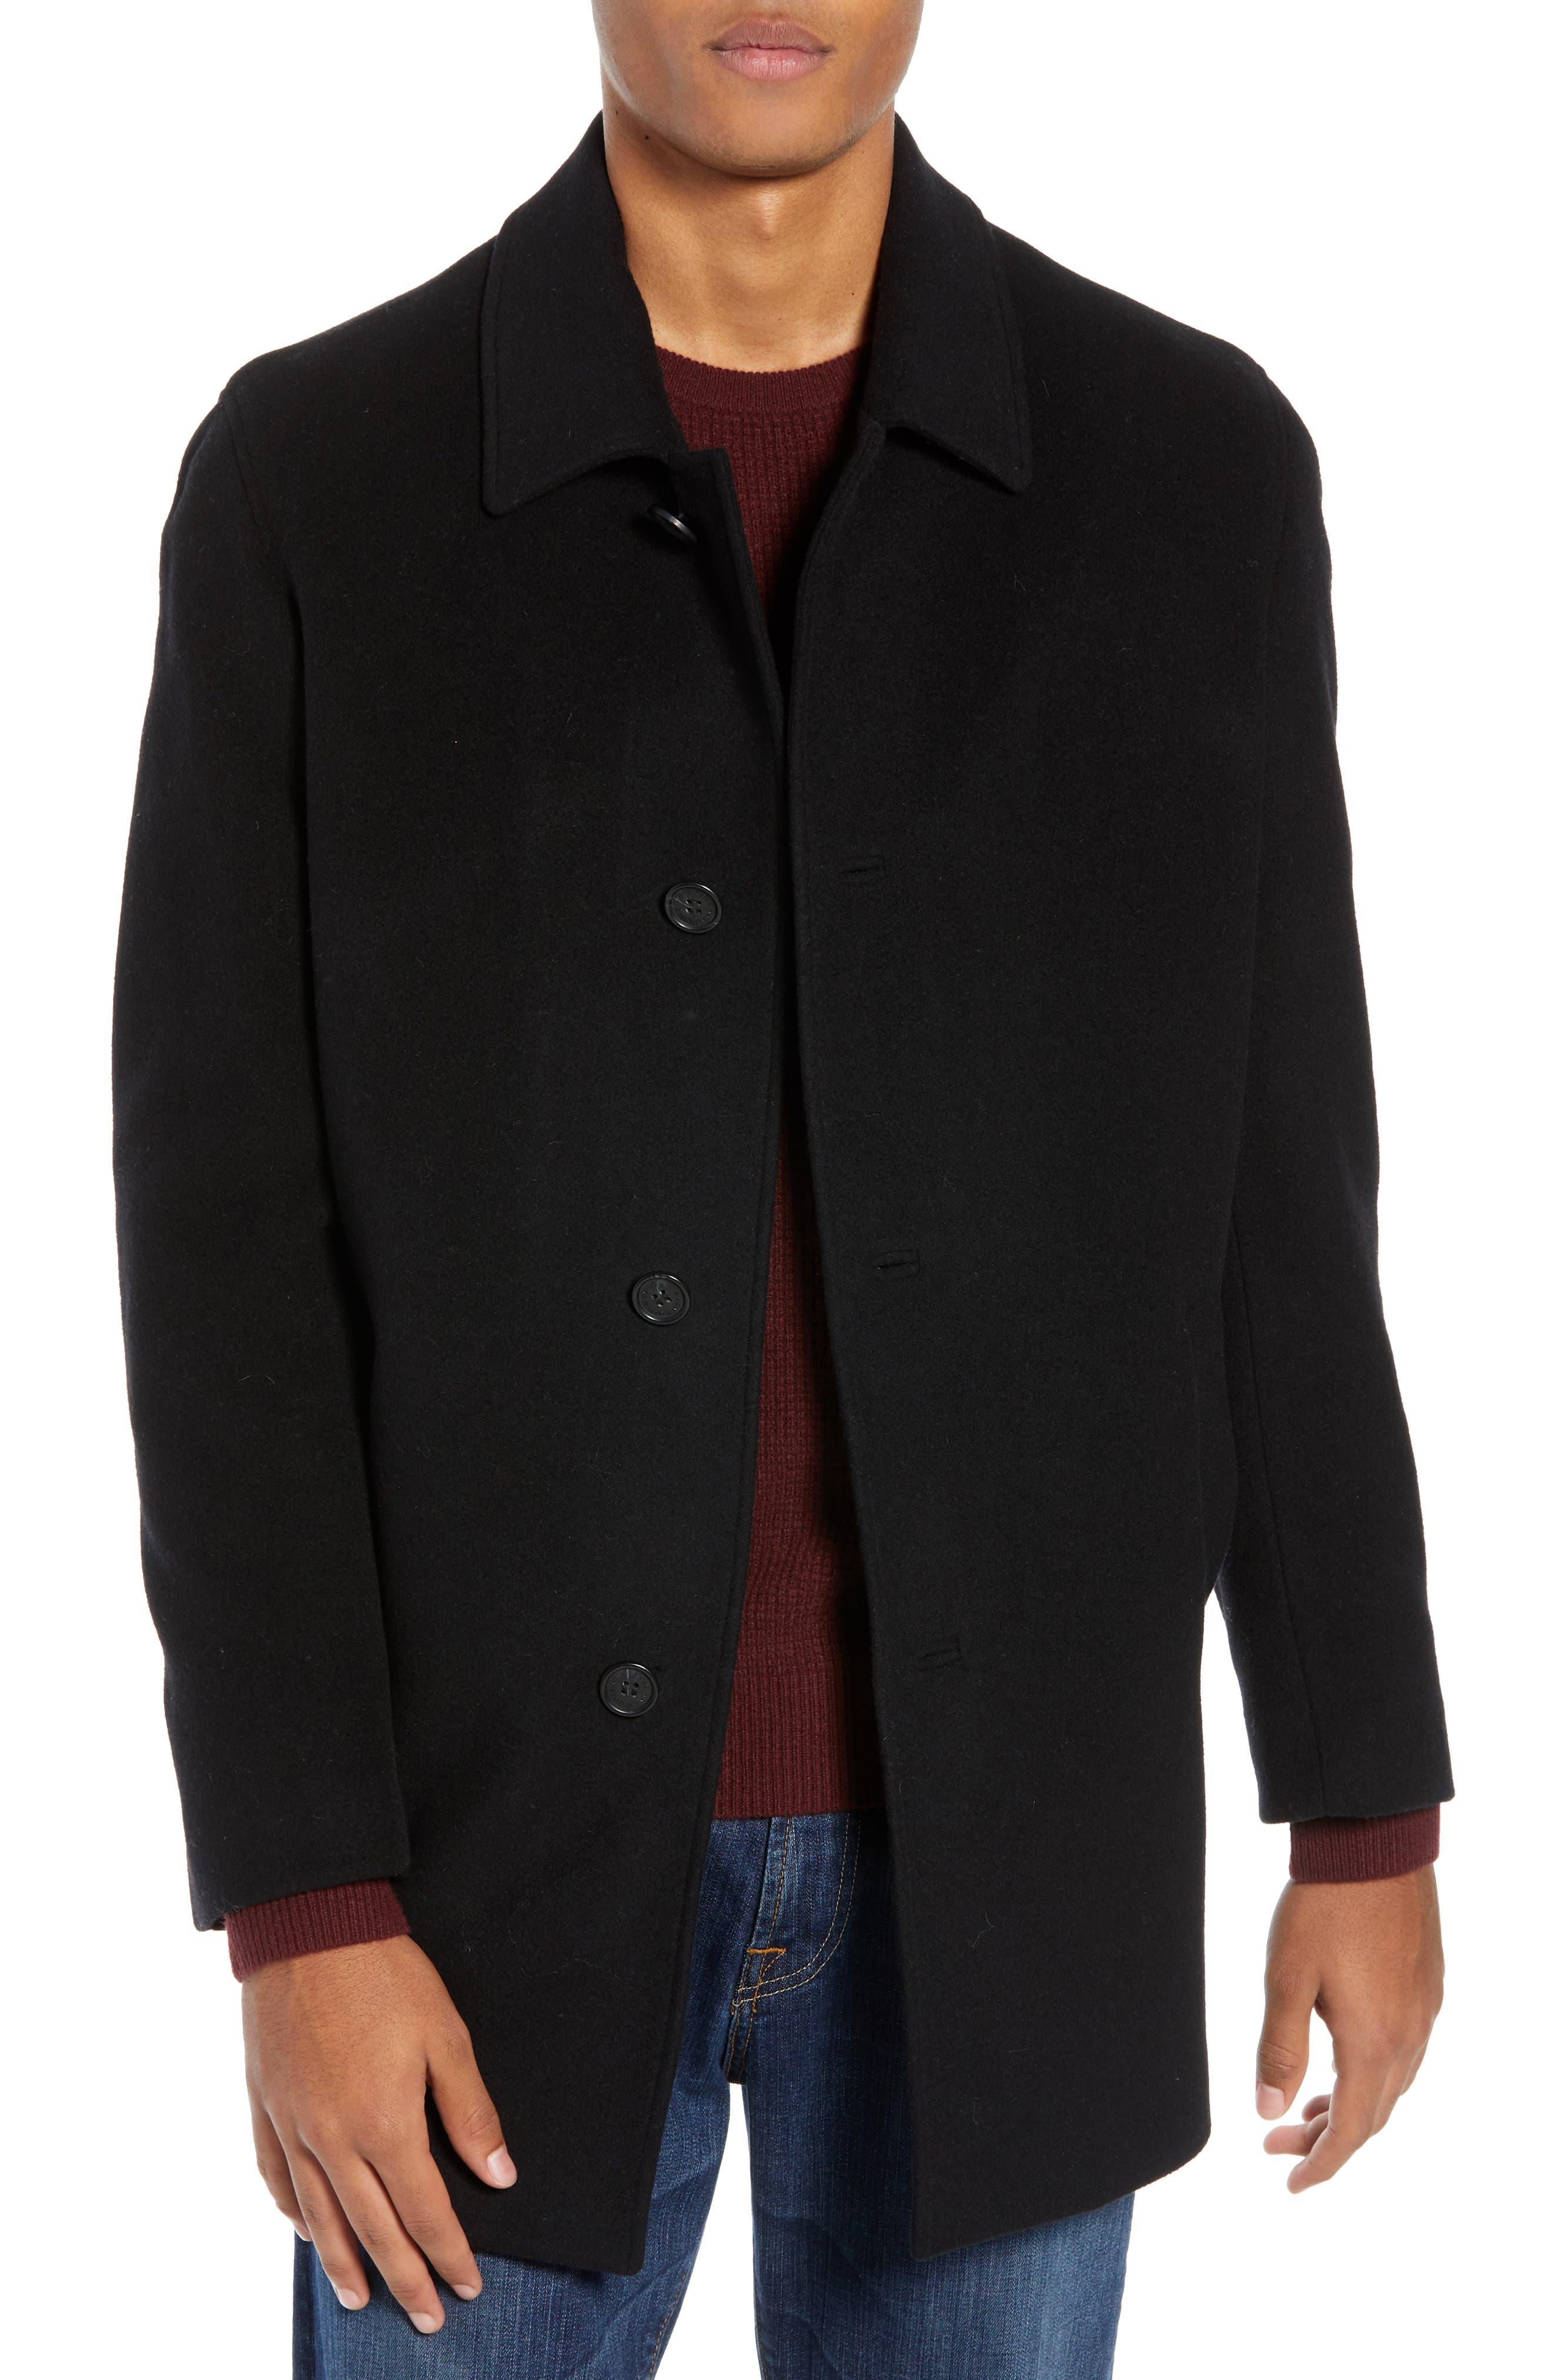 COLE HAAN Italian Wool Blend Overcoat, Main, color, 001